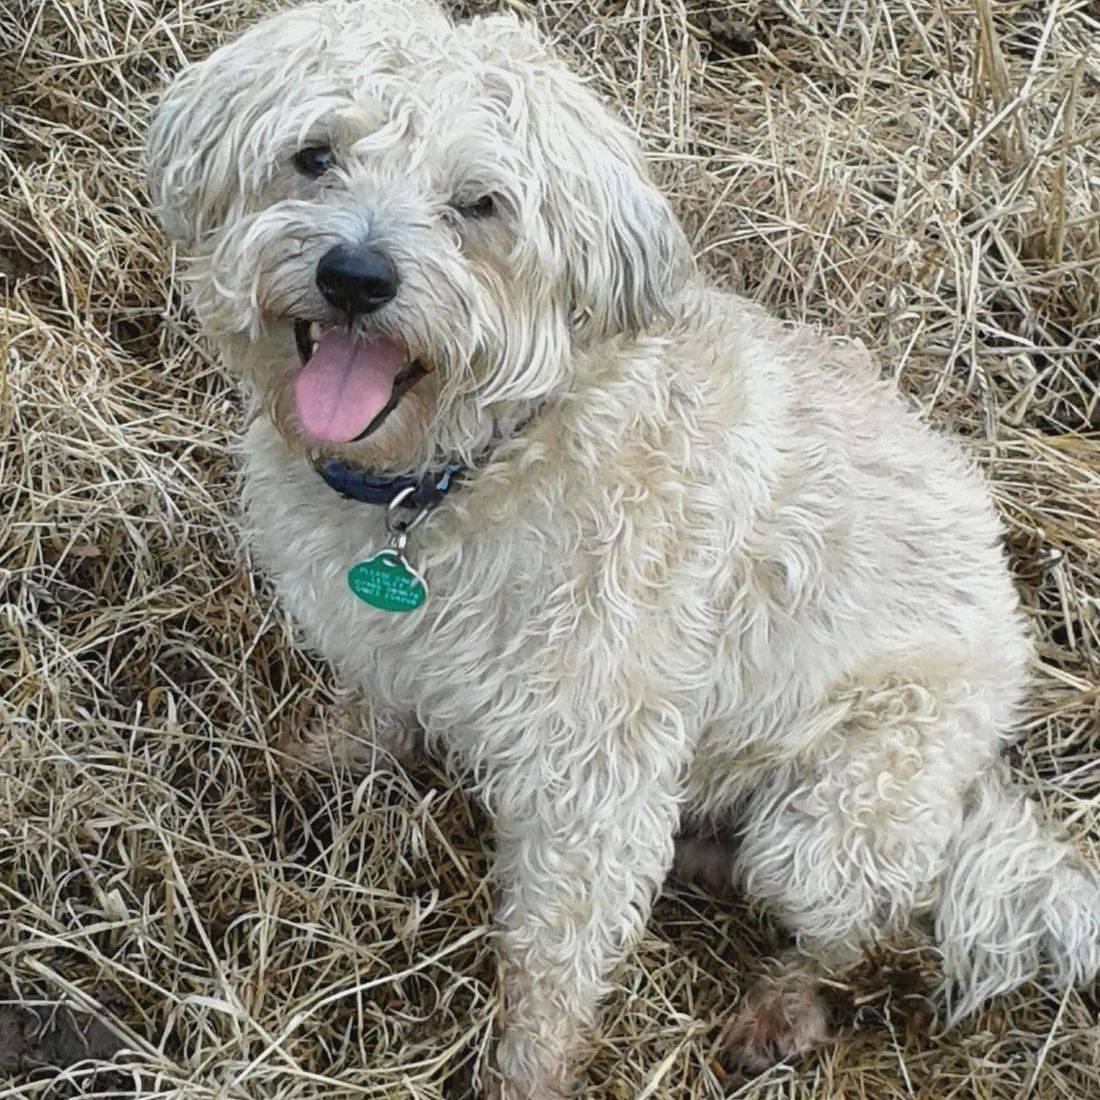 Cute dog smiling at the camera